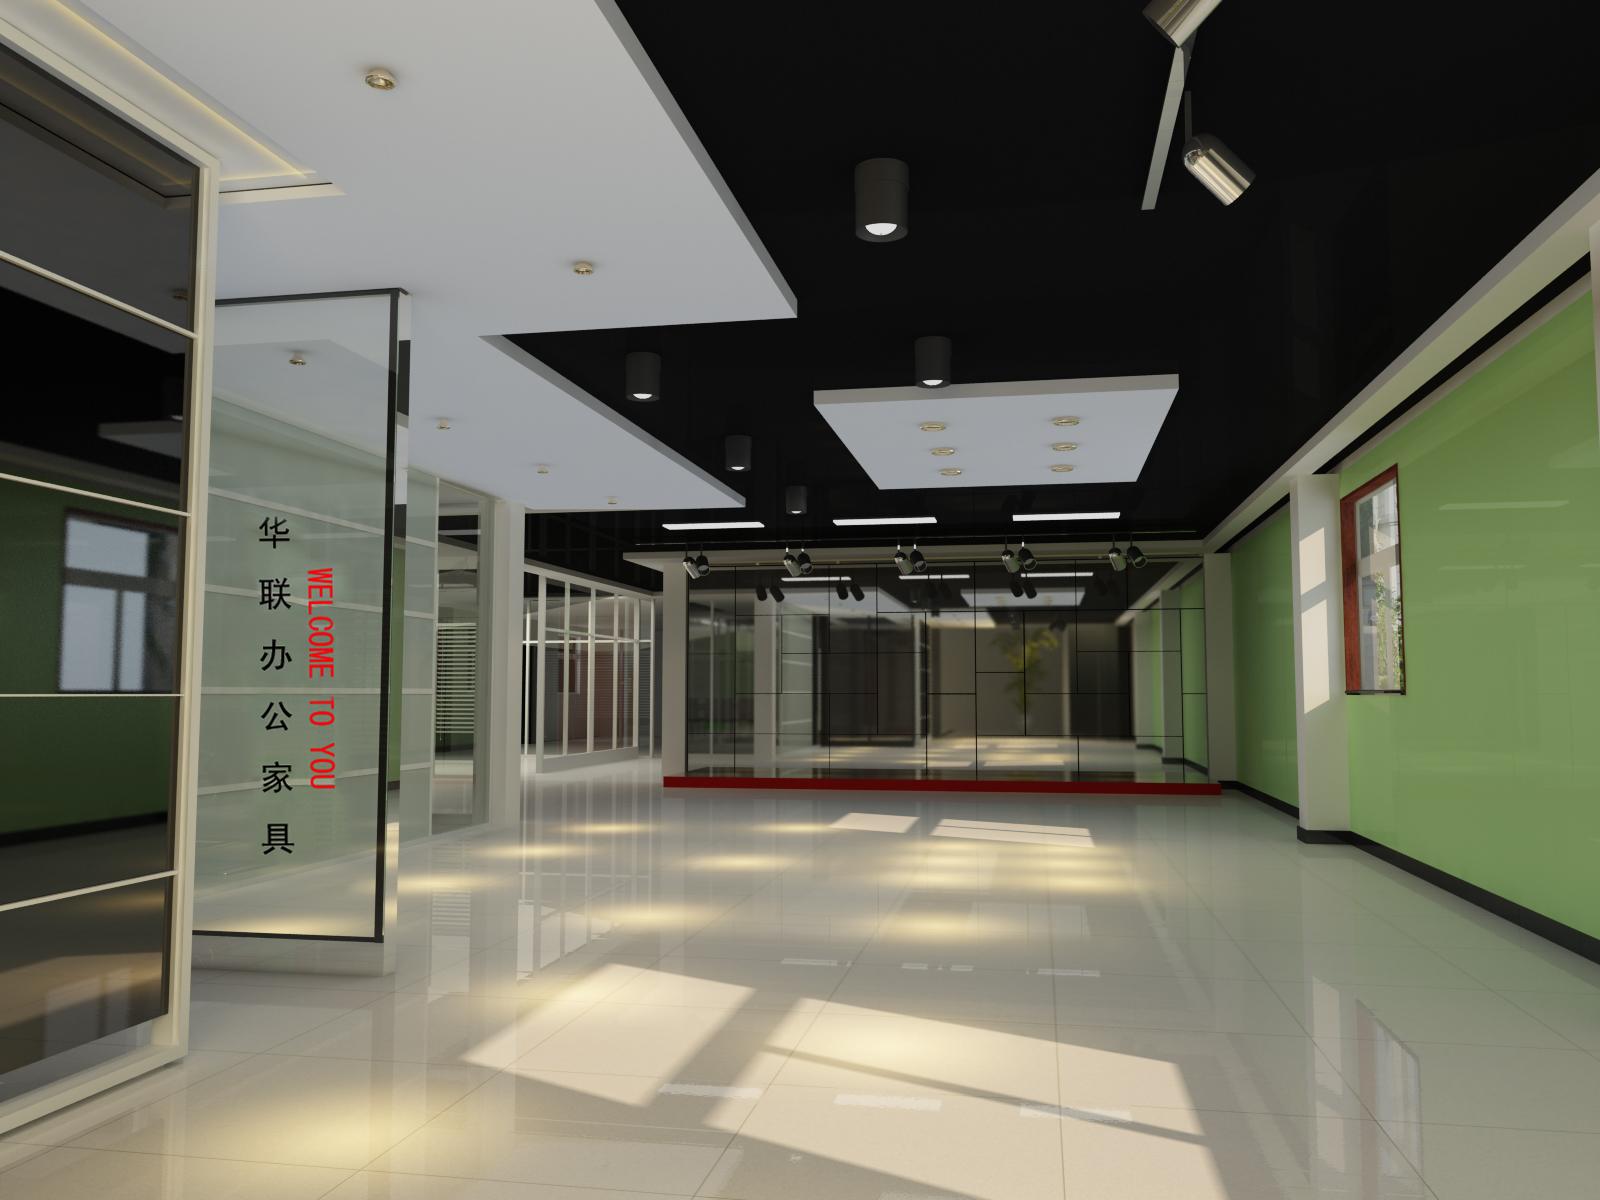 清徐华联展厅装修效果图